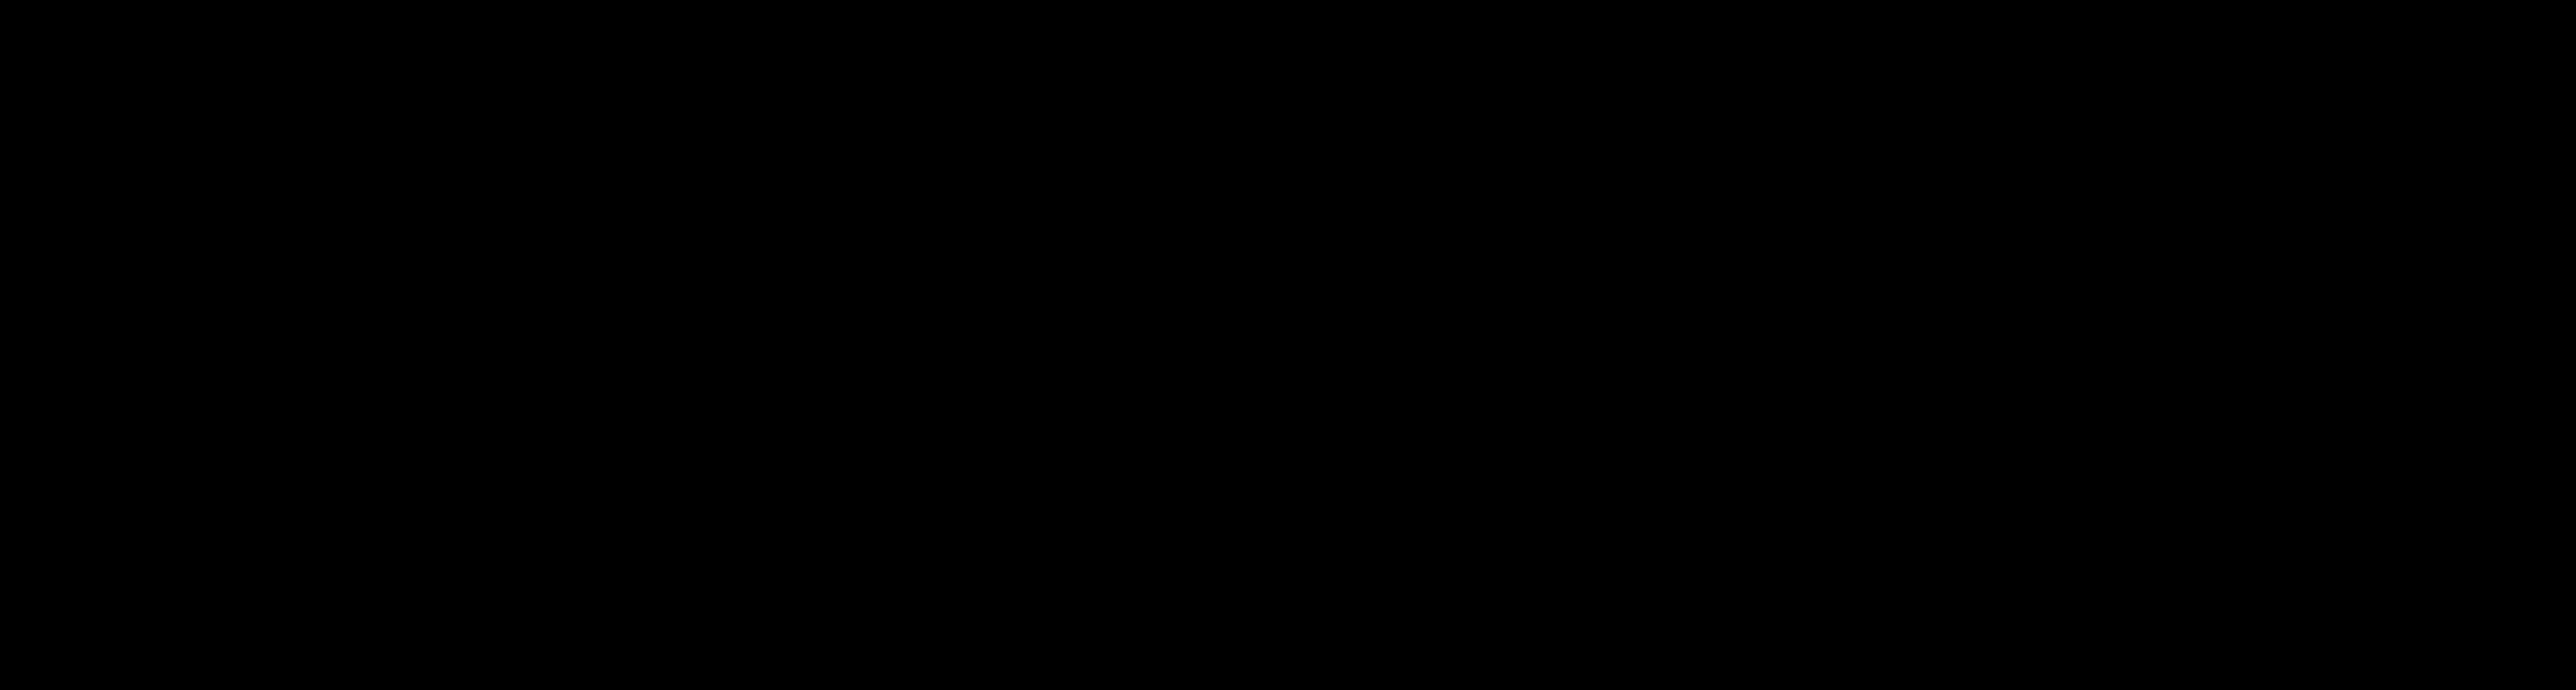 Spartez logo